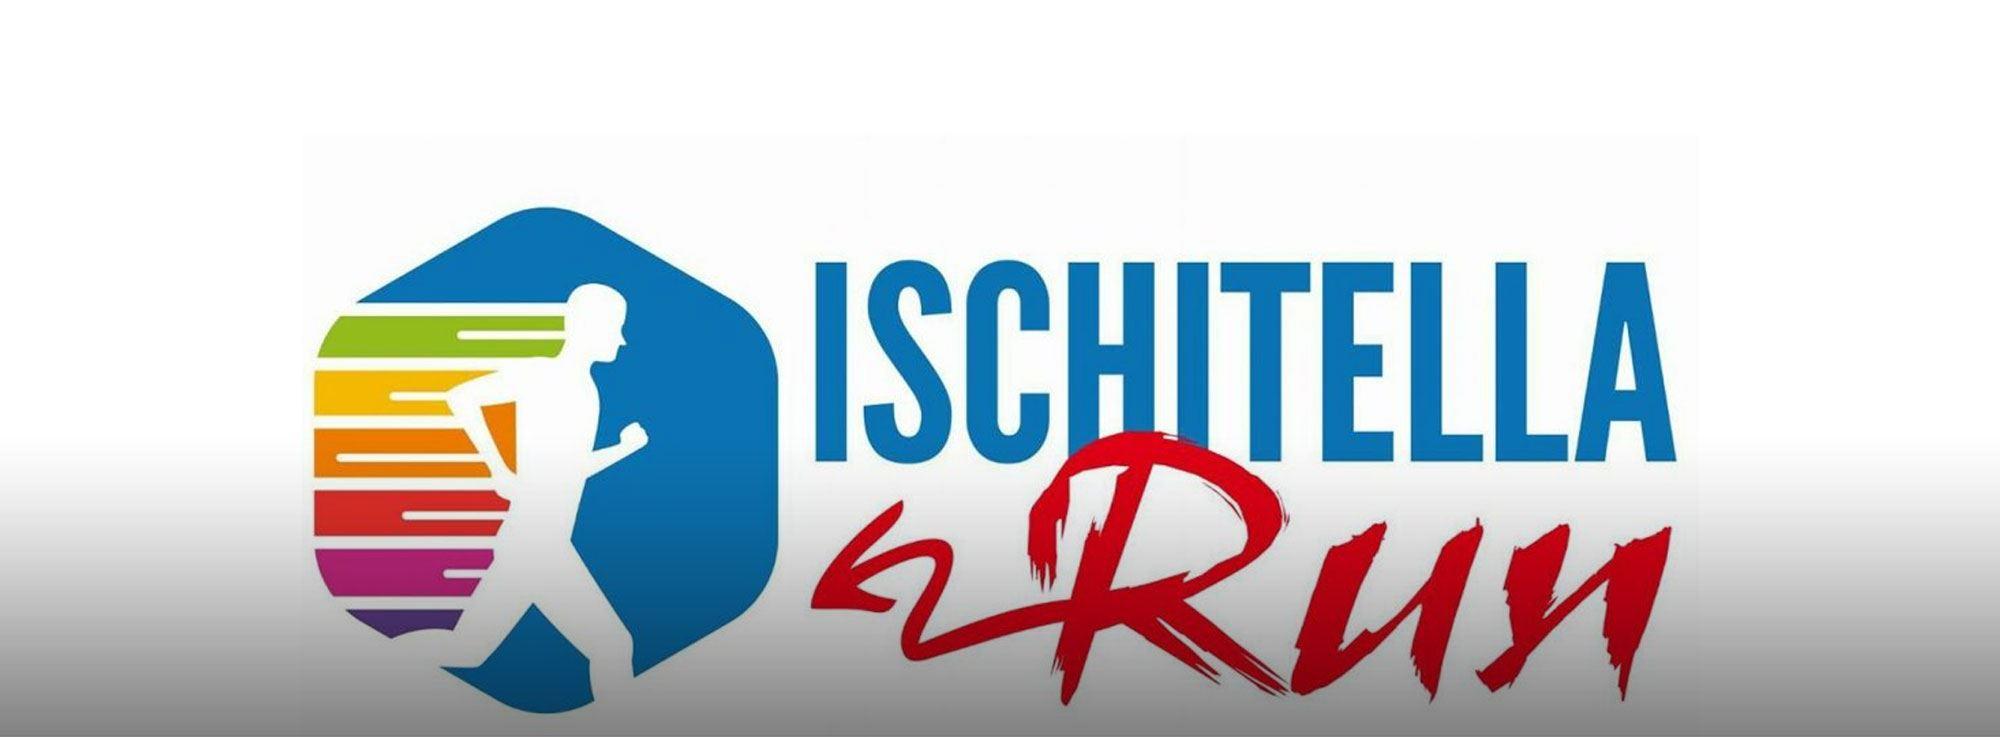 Ischitella: Ischitella Run